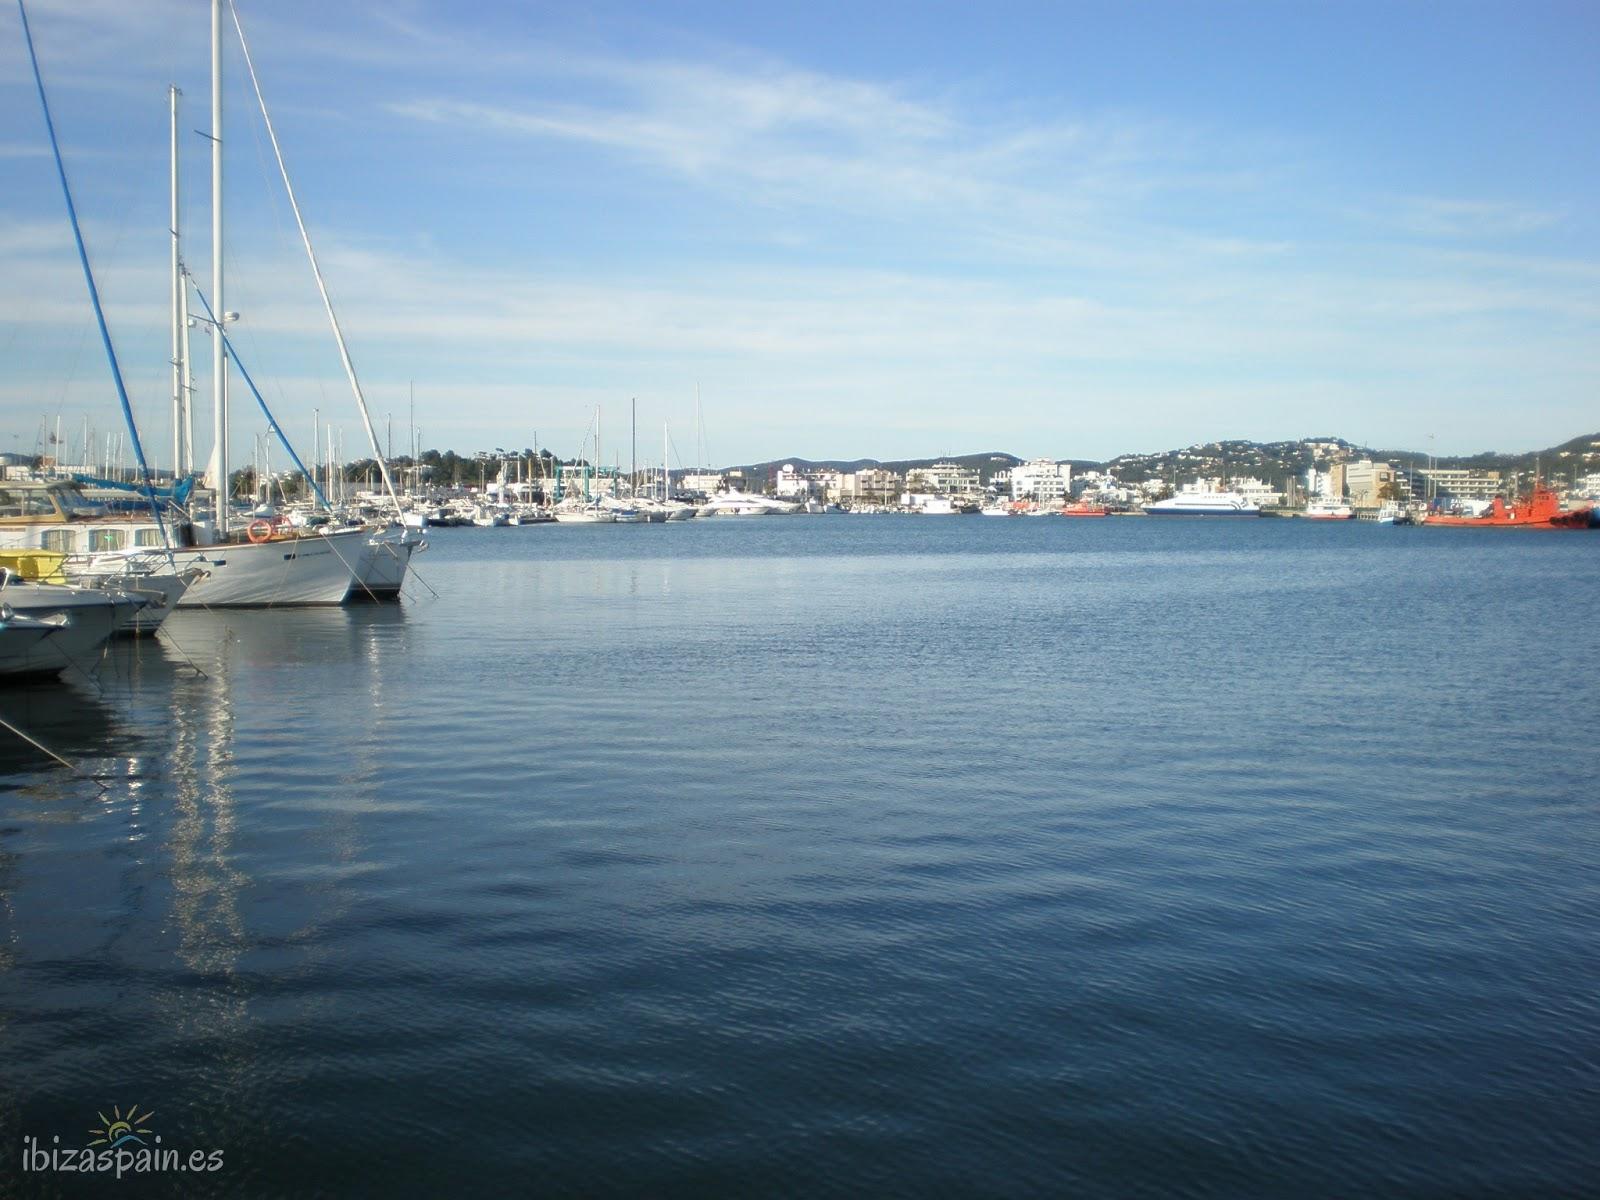 El puerto de ibiza la marina gu a y blog de ibiza - Restaurantes en el puerto de ibiza ...